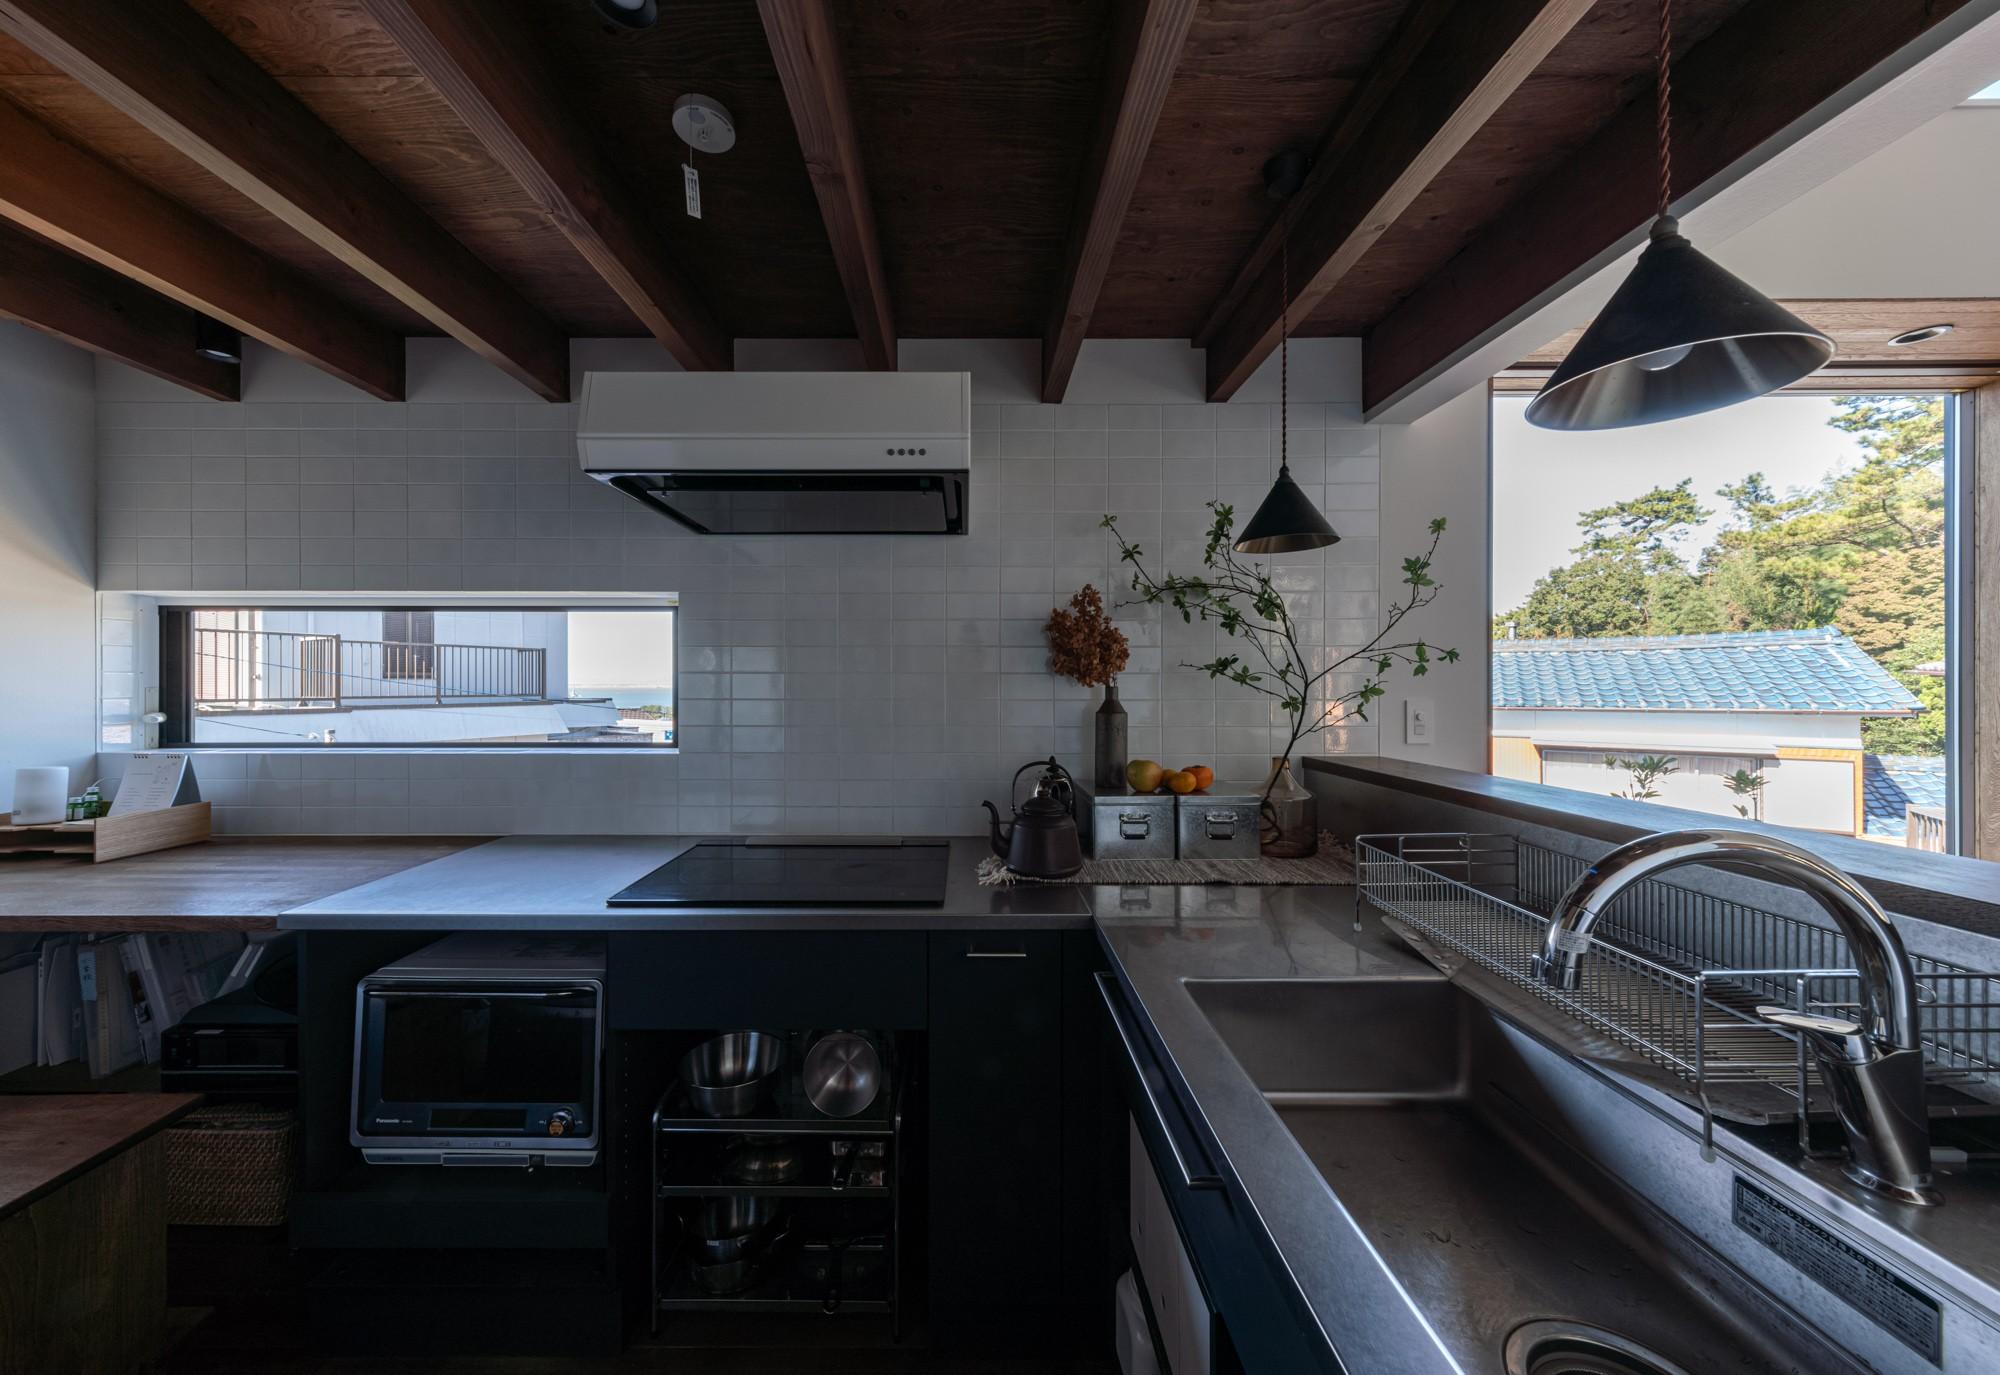 キッチン事例:伊勢湾を臨むキッチンの窓(『青海の家』 風景と住む。~伊勢湾を臨む~)